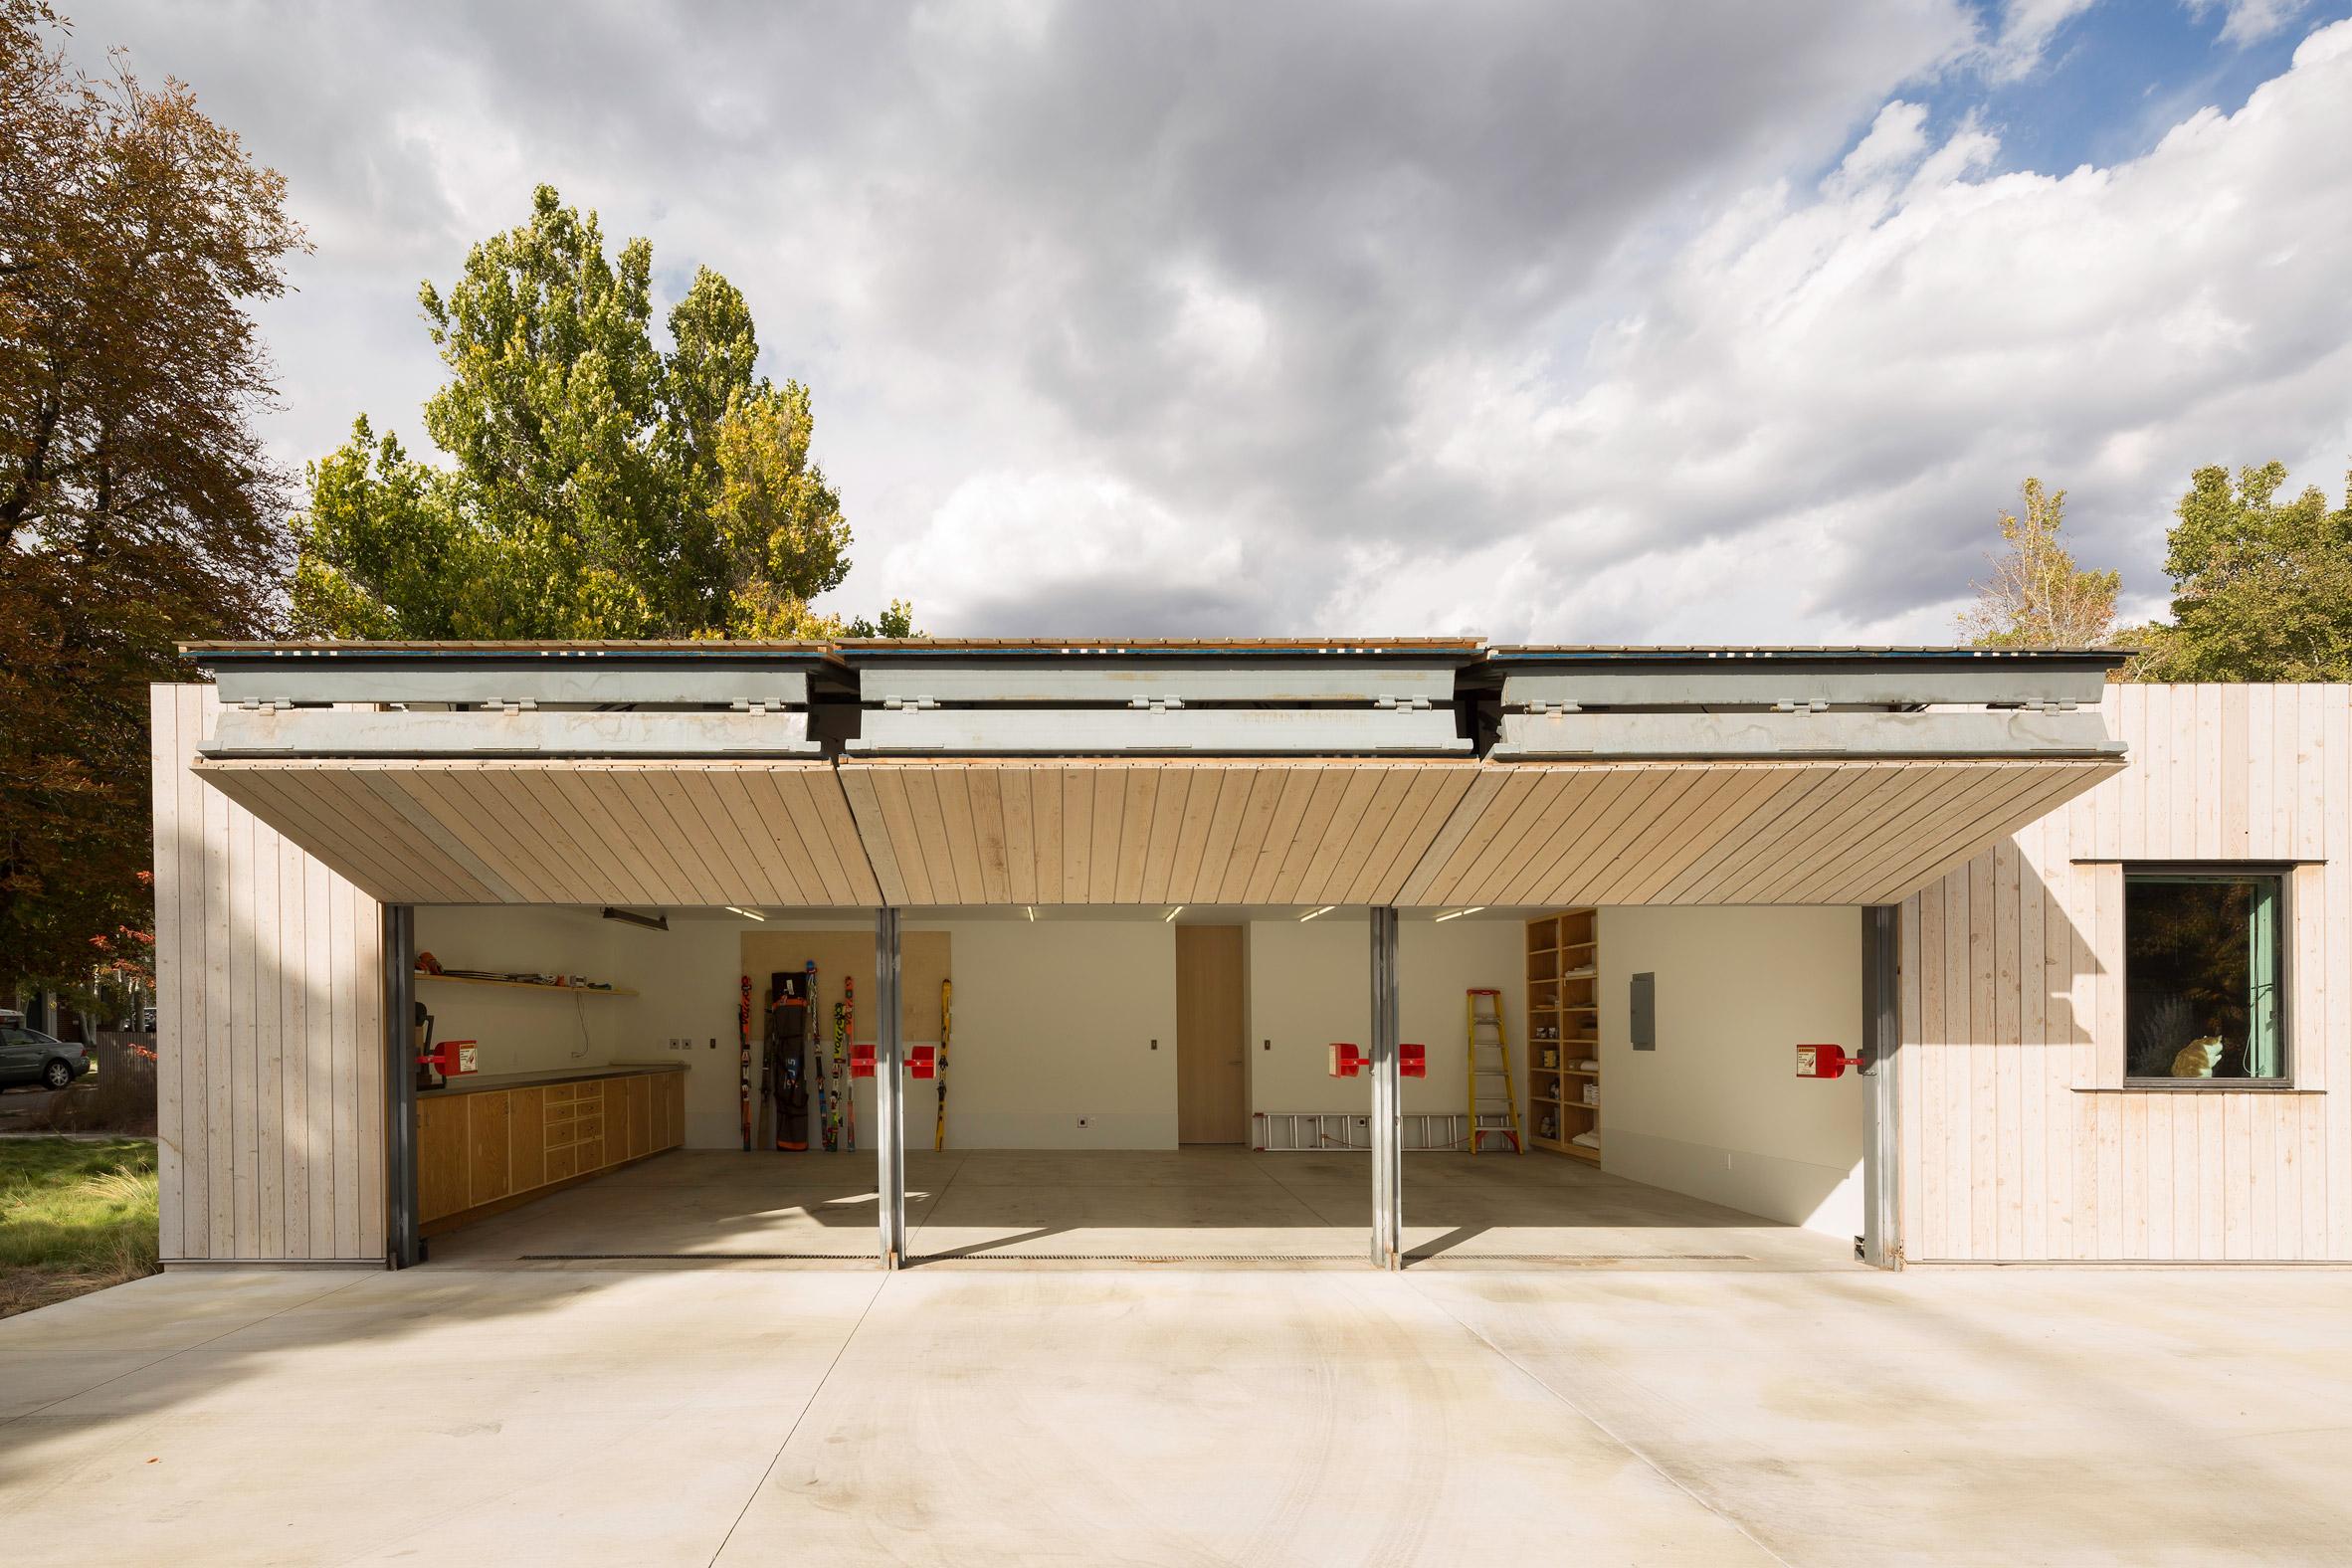 Garage of cedar-clad house in Utah